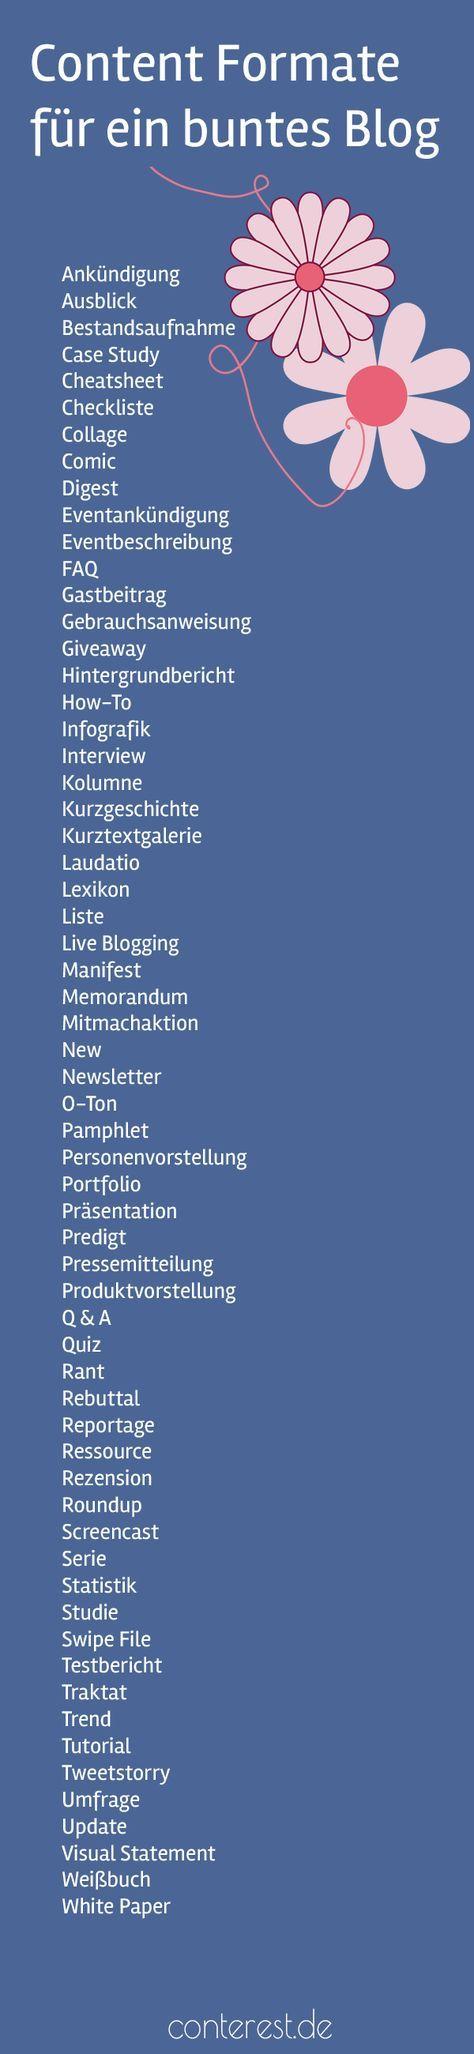 61 Content Formate mit denen du dein Blog garantiert bunt & abwechslungsreich machst